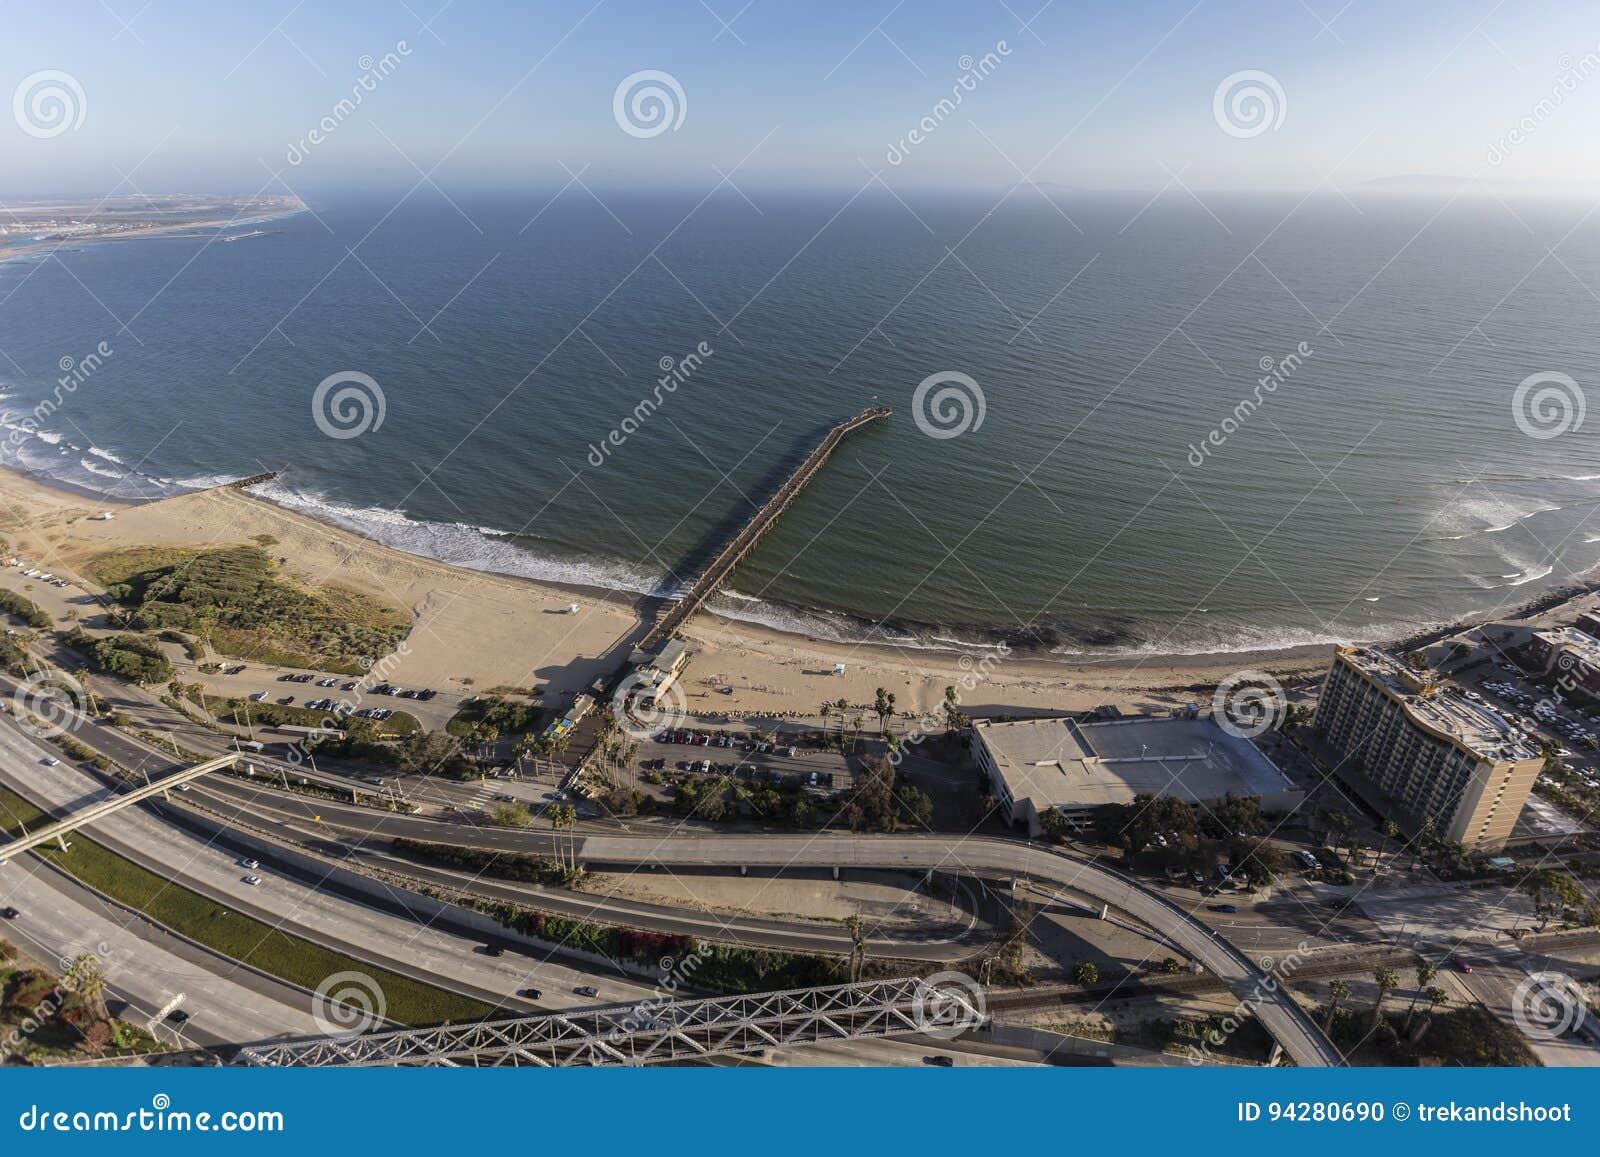 Ventura Pier und Autobahn in Süd-Kalifornien